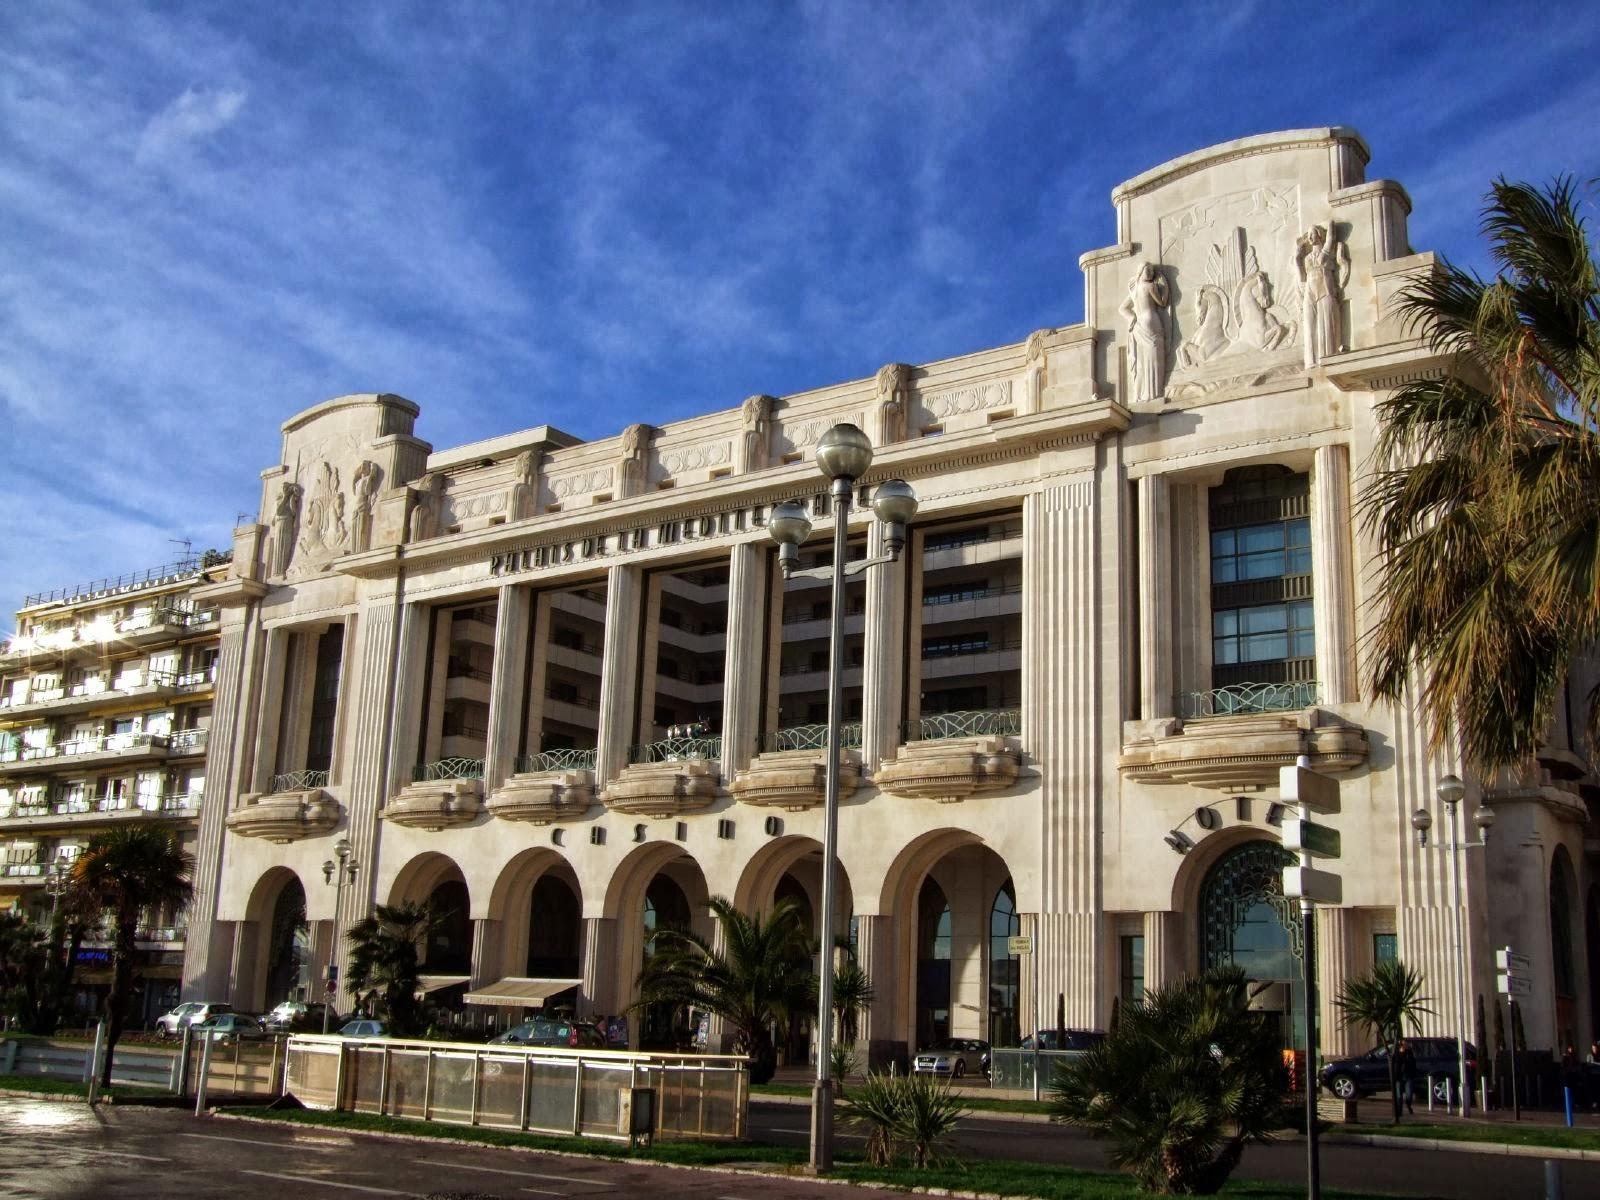 Palais de la m diterran e luxury 4 4 hotel in nice for Luxury hotels in nice